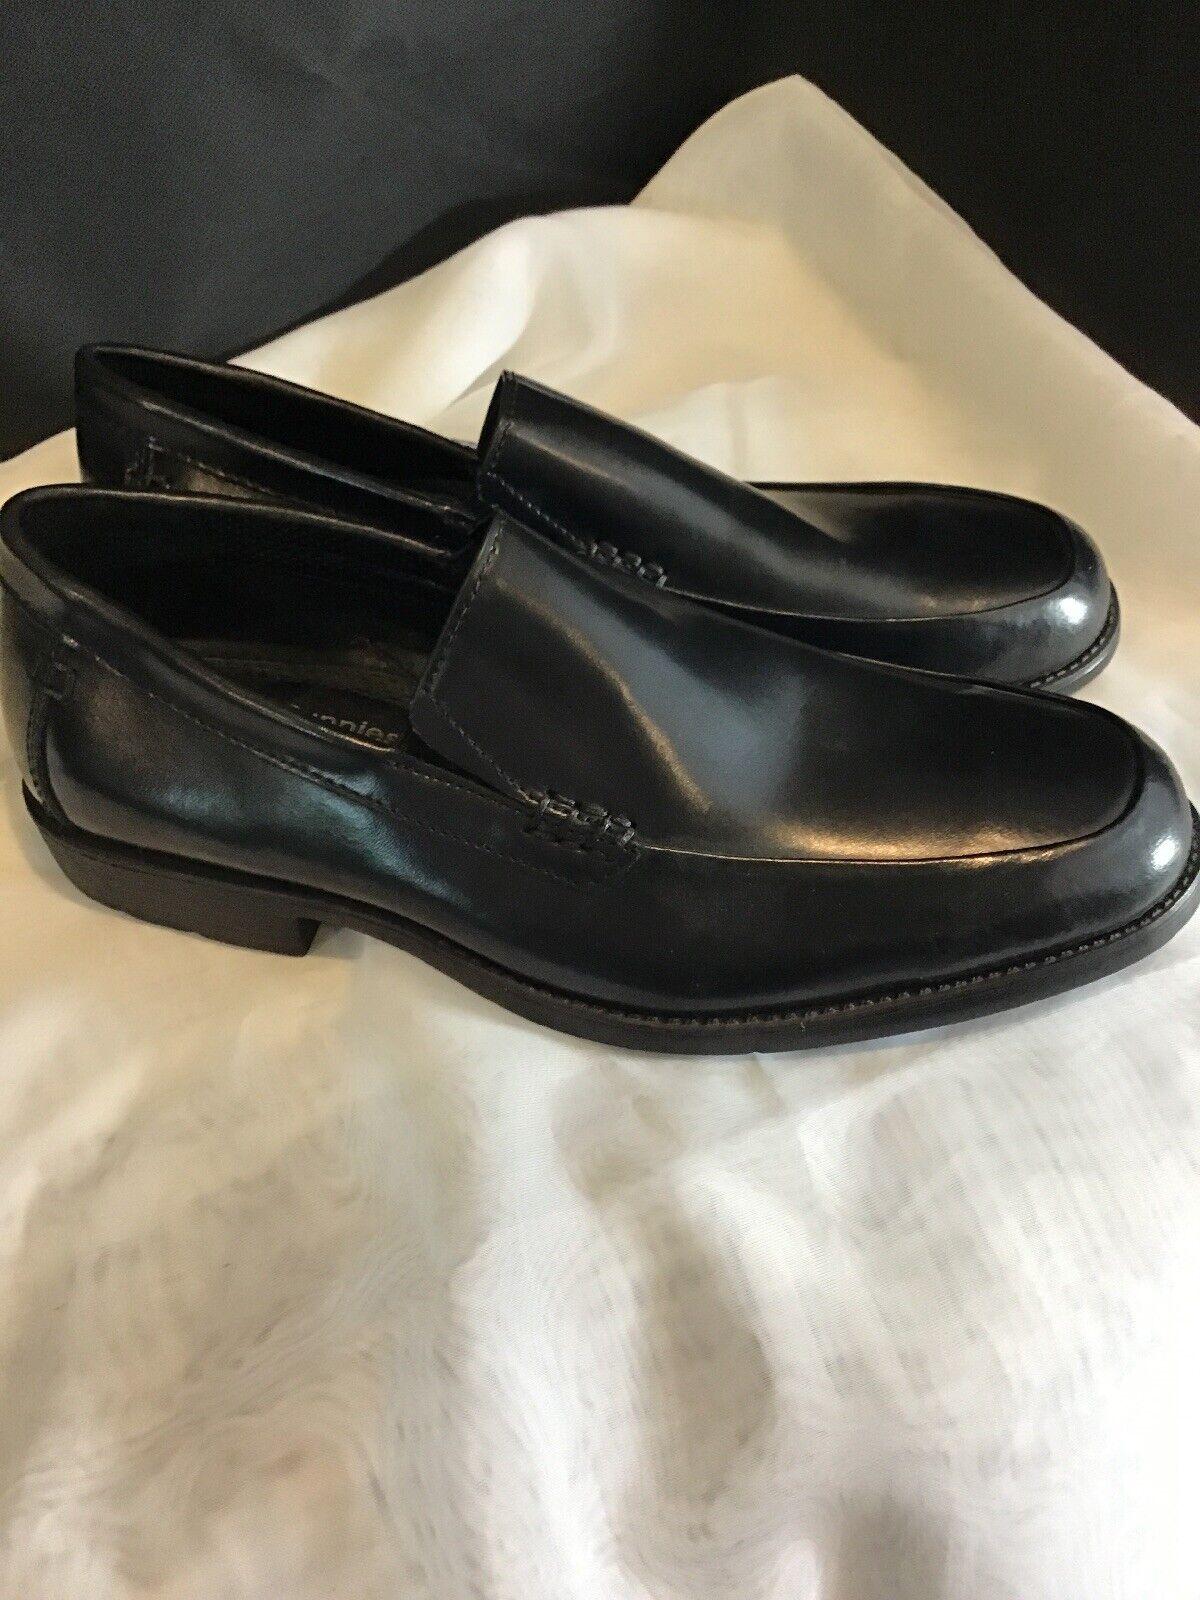 precios ultra bajos Hombre Hush Puppies Slip on Loafer